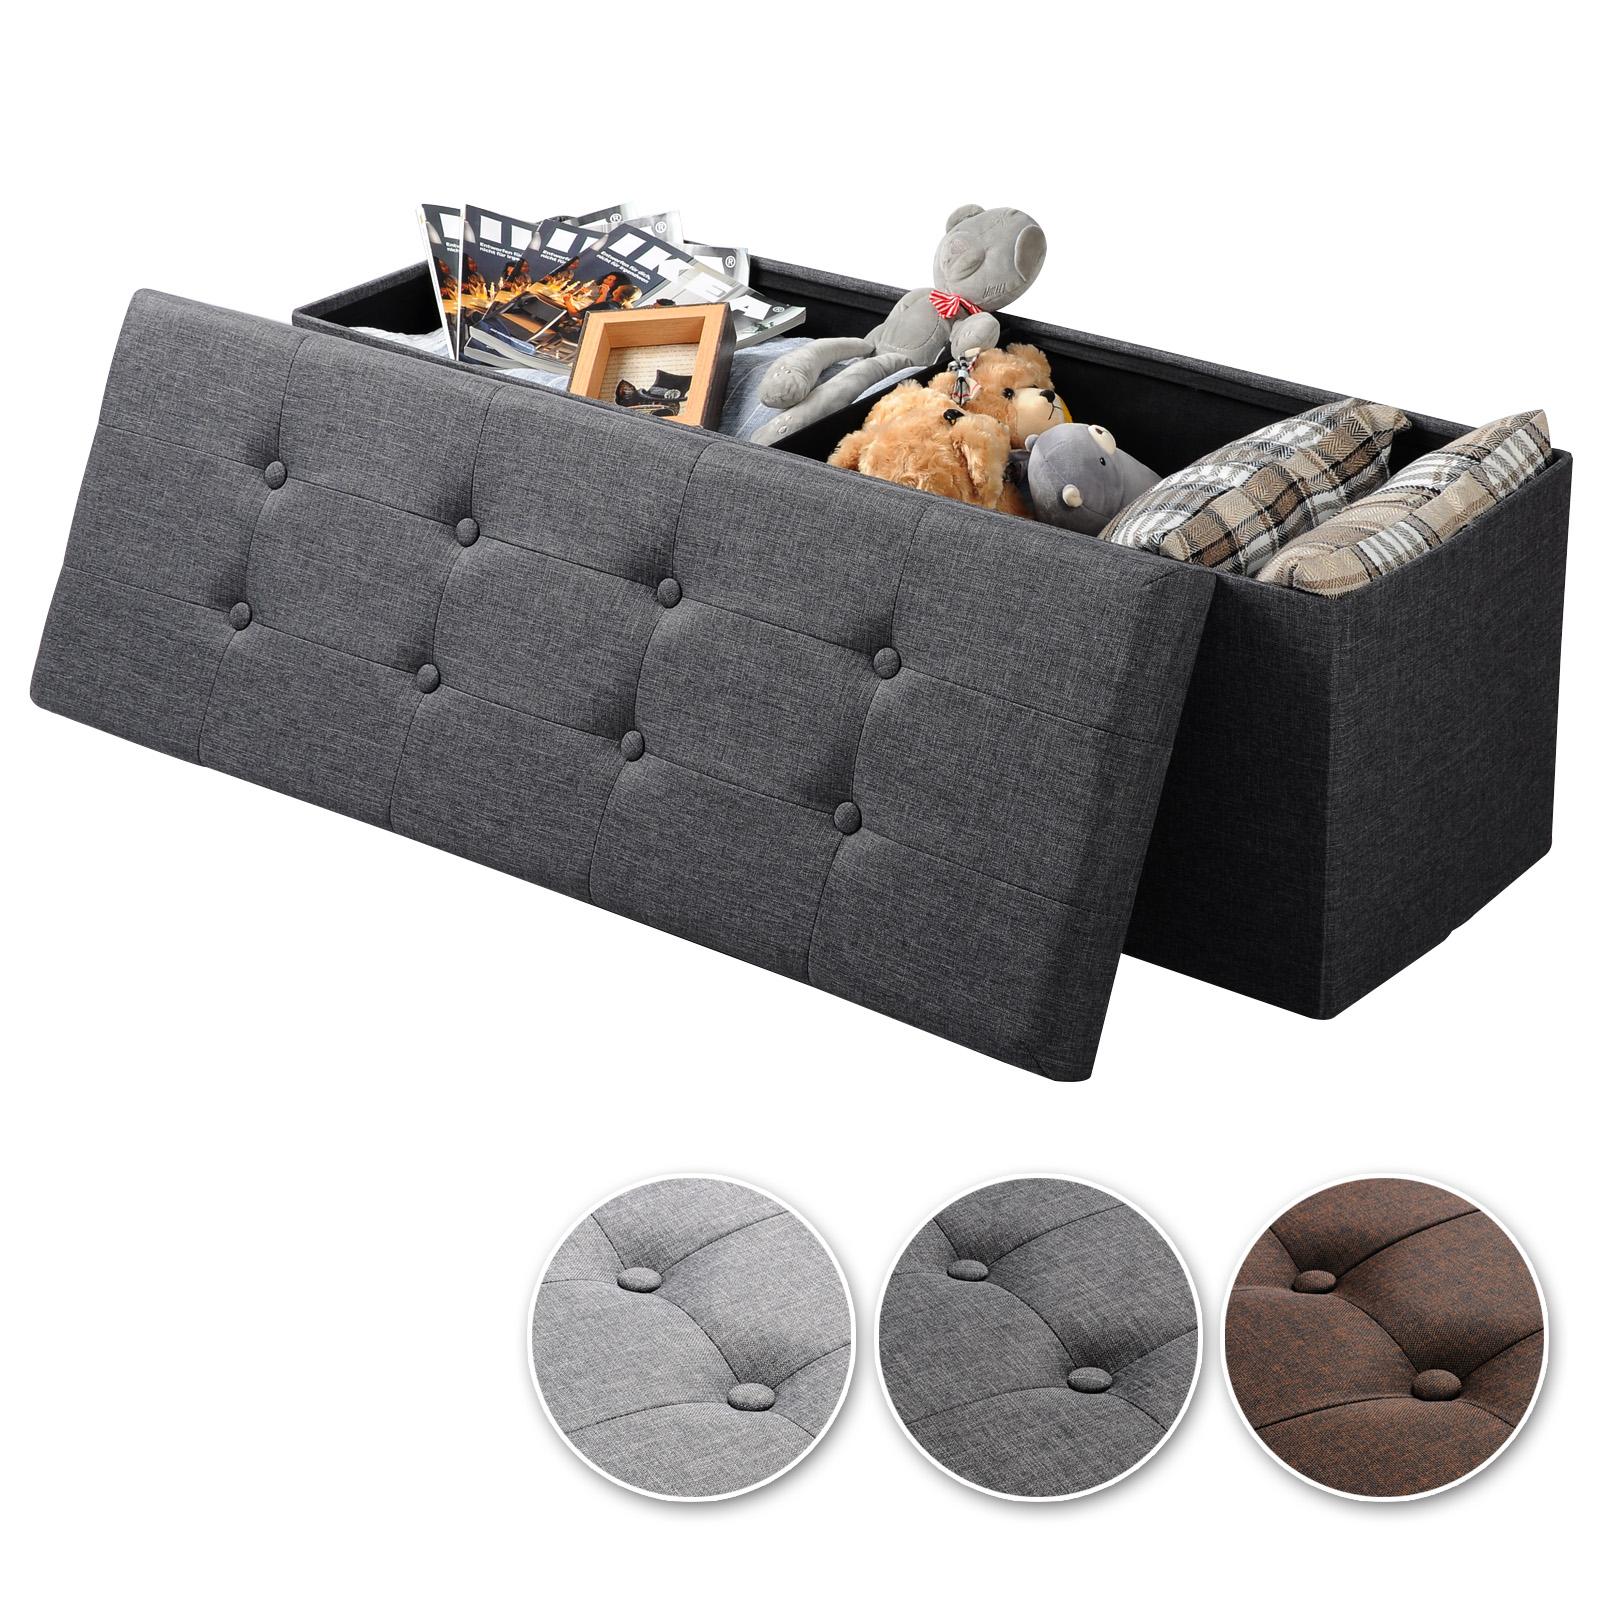 faltbarer sitzhocker sitzbank sitzw rfel mit stauraum leinen dunkelgrau 762 24 ebay. Black Bedroom Furniture Sets. Home Design Ideas